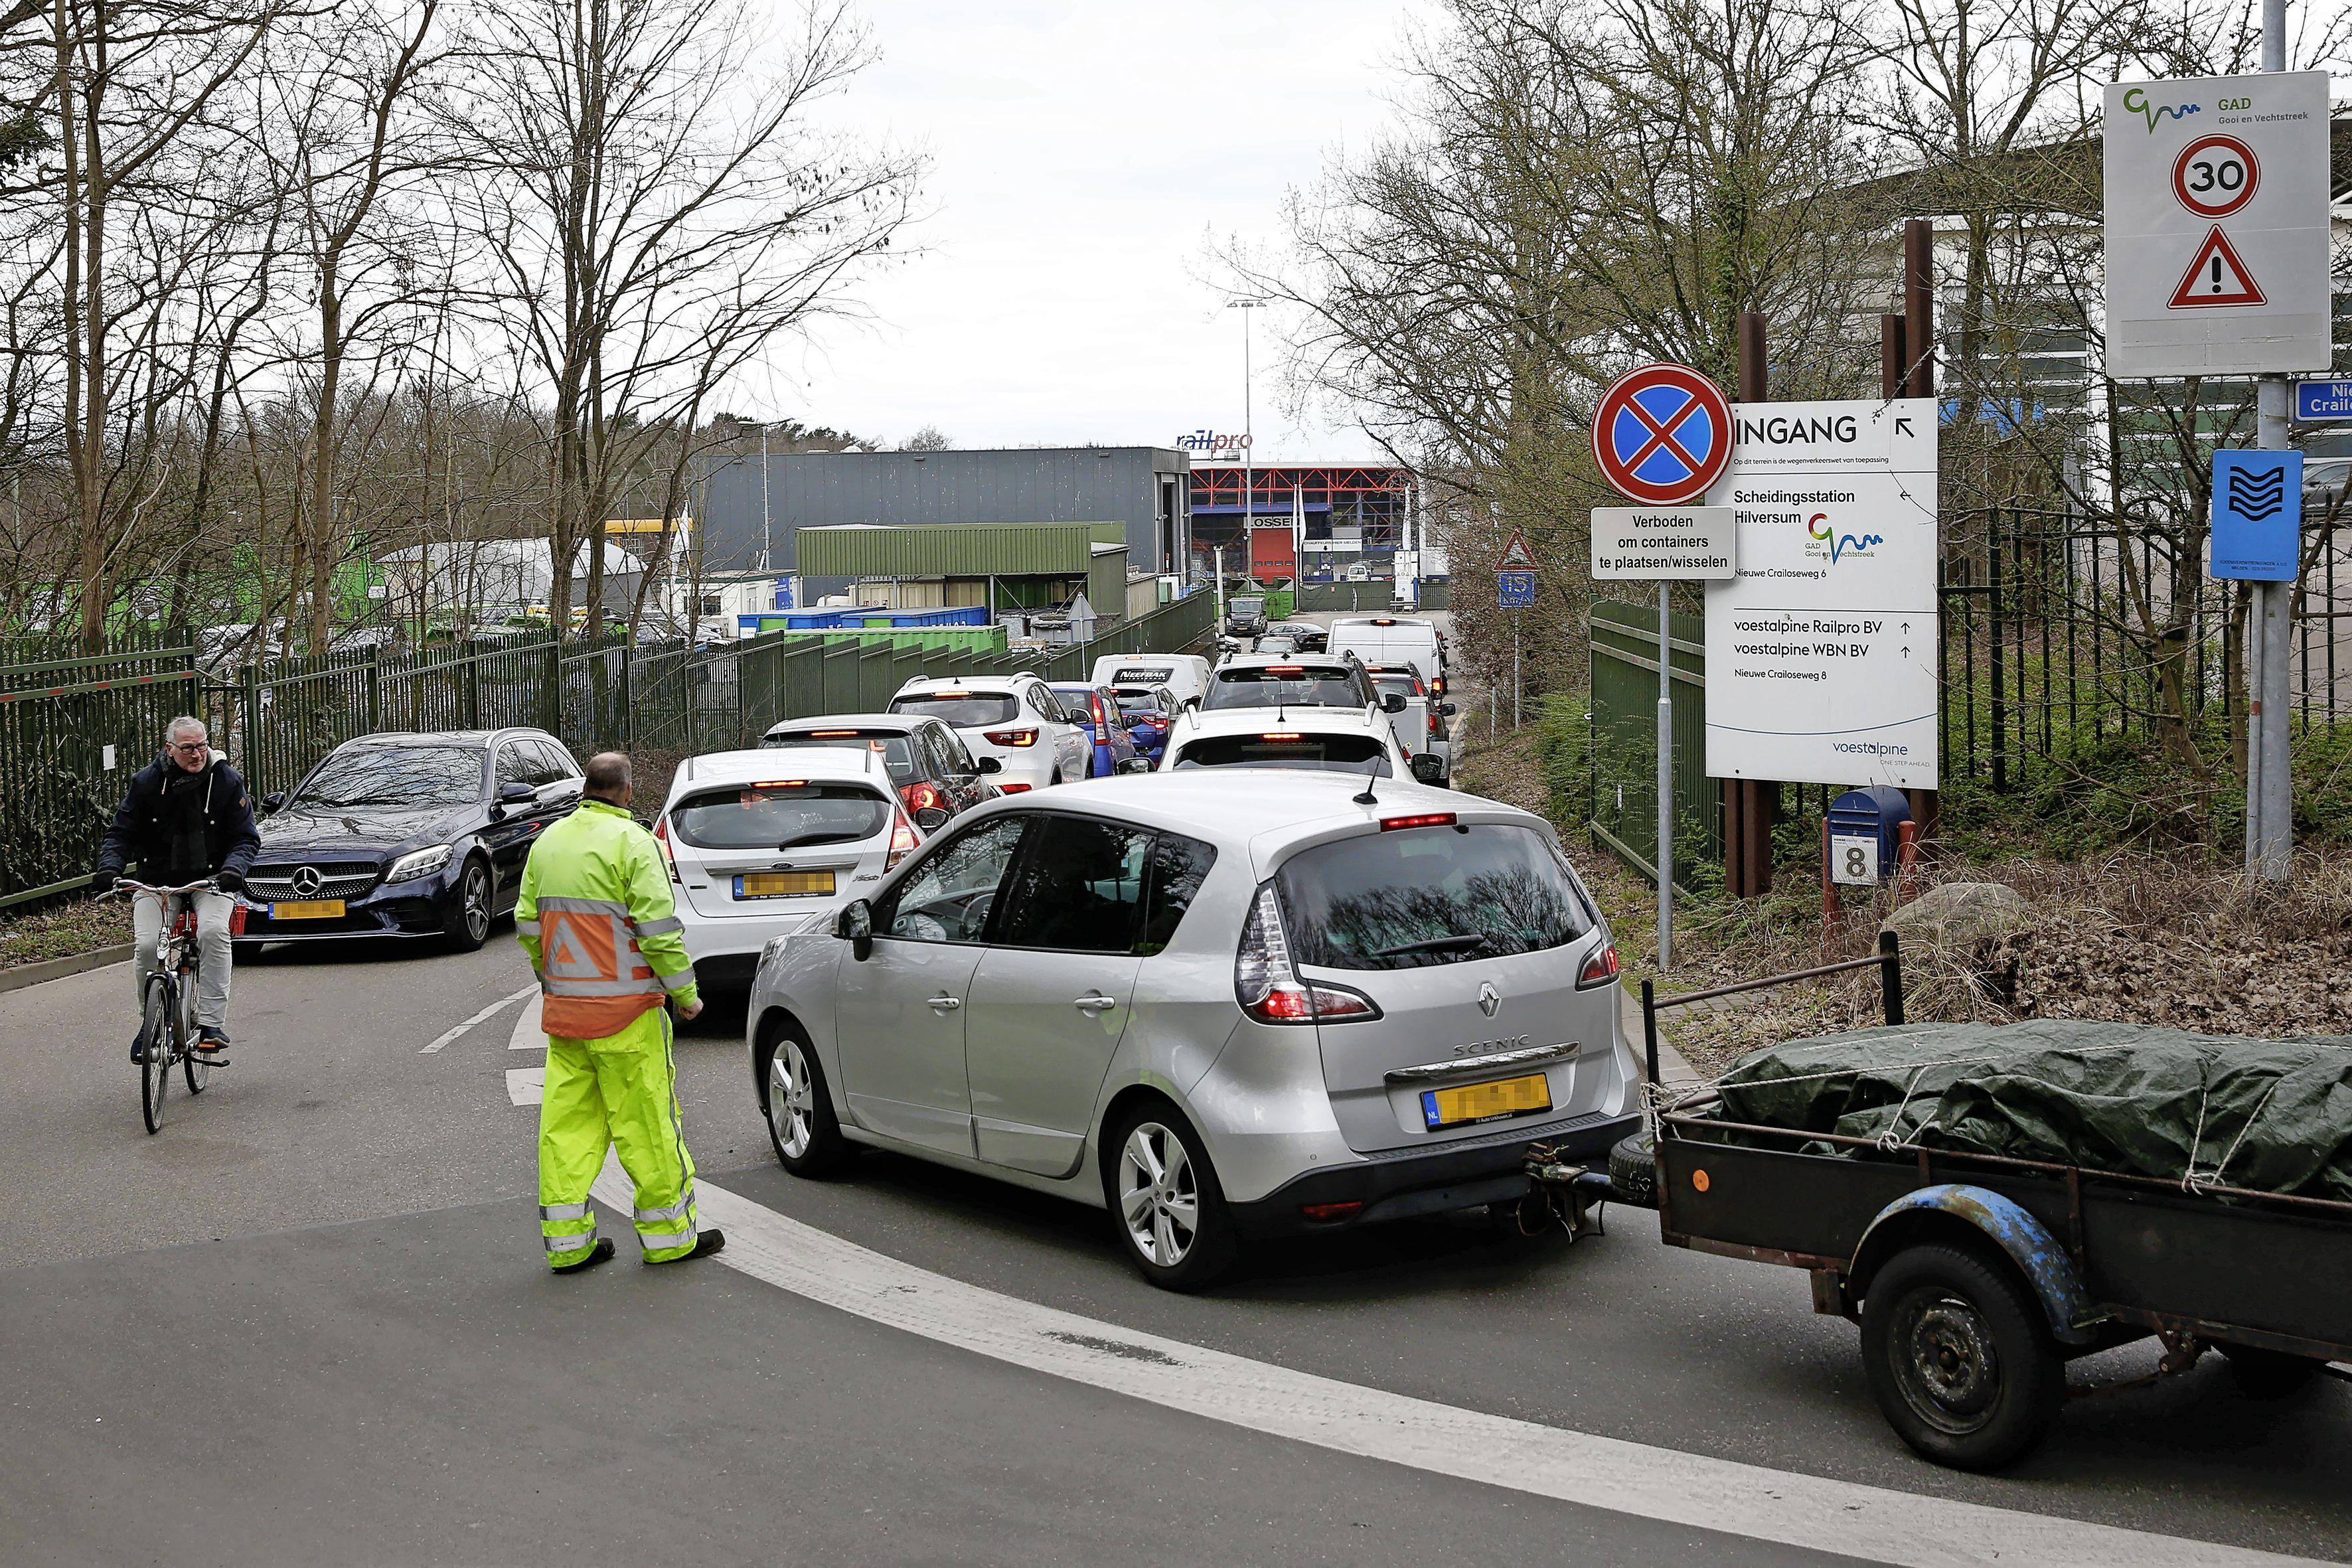 Verkeersopstoppingen bij Hilversumse GAD zorgt voor frustratie en zelfs gevaarlijke situaties. 'Hoe breder de auto, hoe minder het geduld. Het gaat vaak maar net goed'